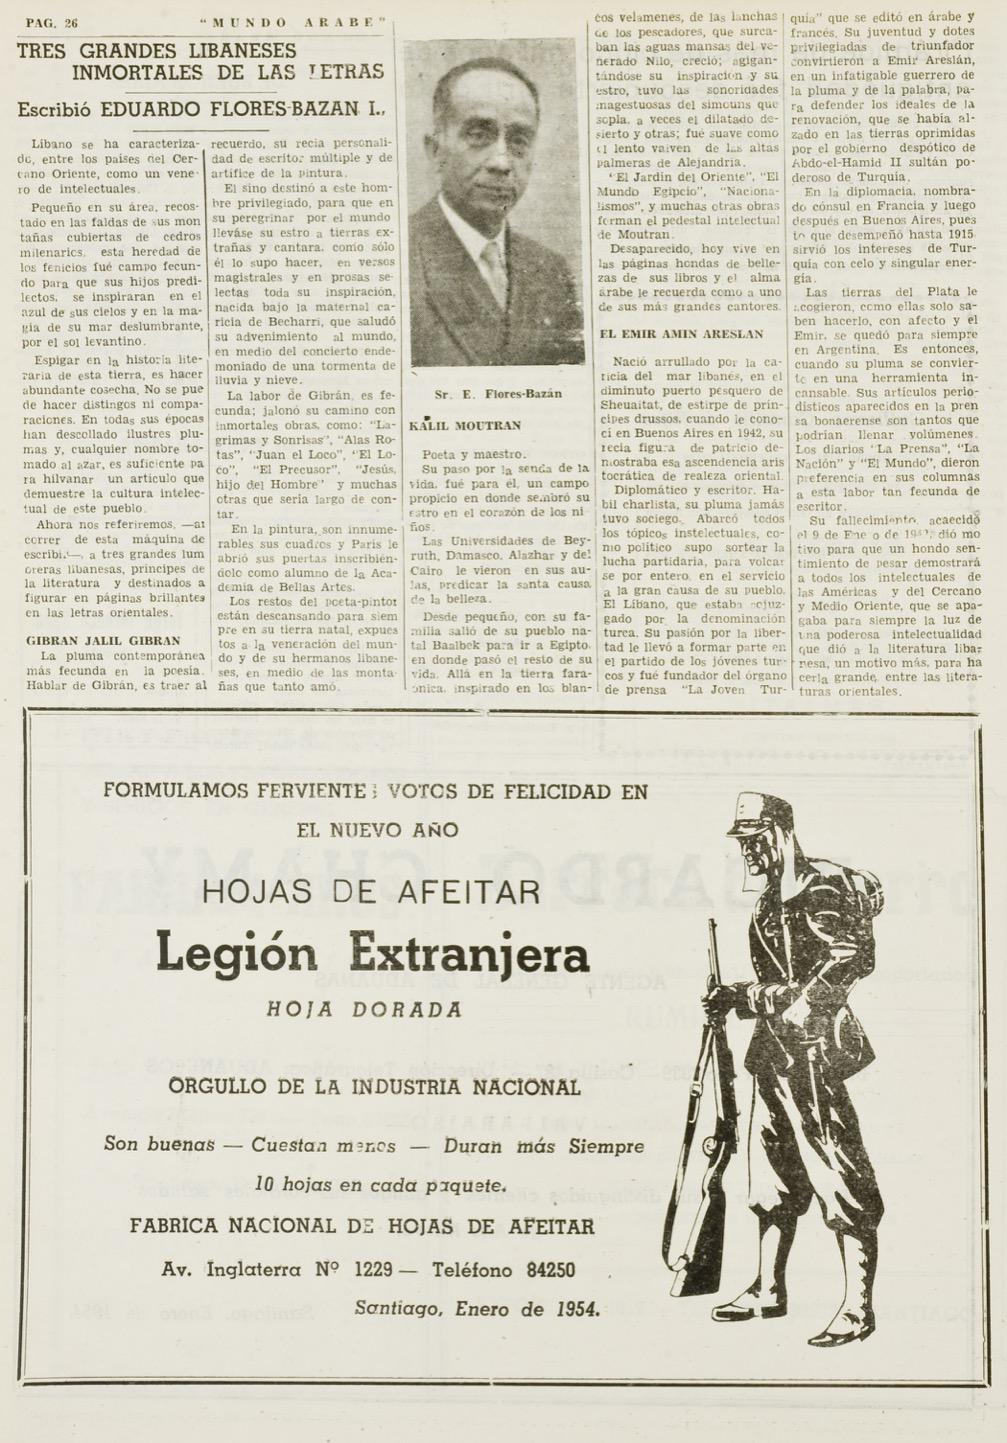 """Eduardo Flores-Bazan, """"Tres grandes Libaneses inmortales de las letras"""", Mundo Árabe, Jan 8, 1954, p. 26."""